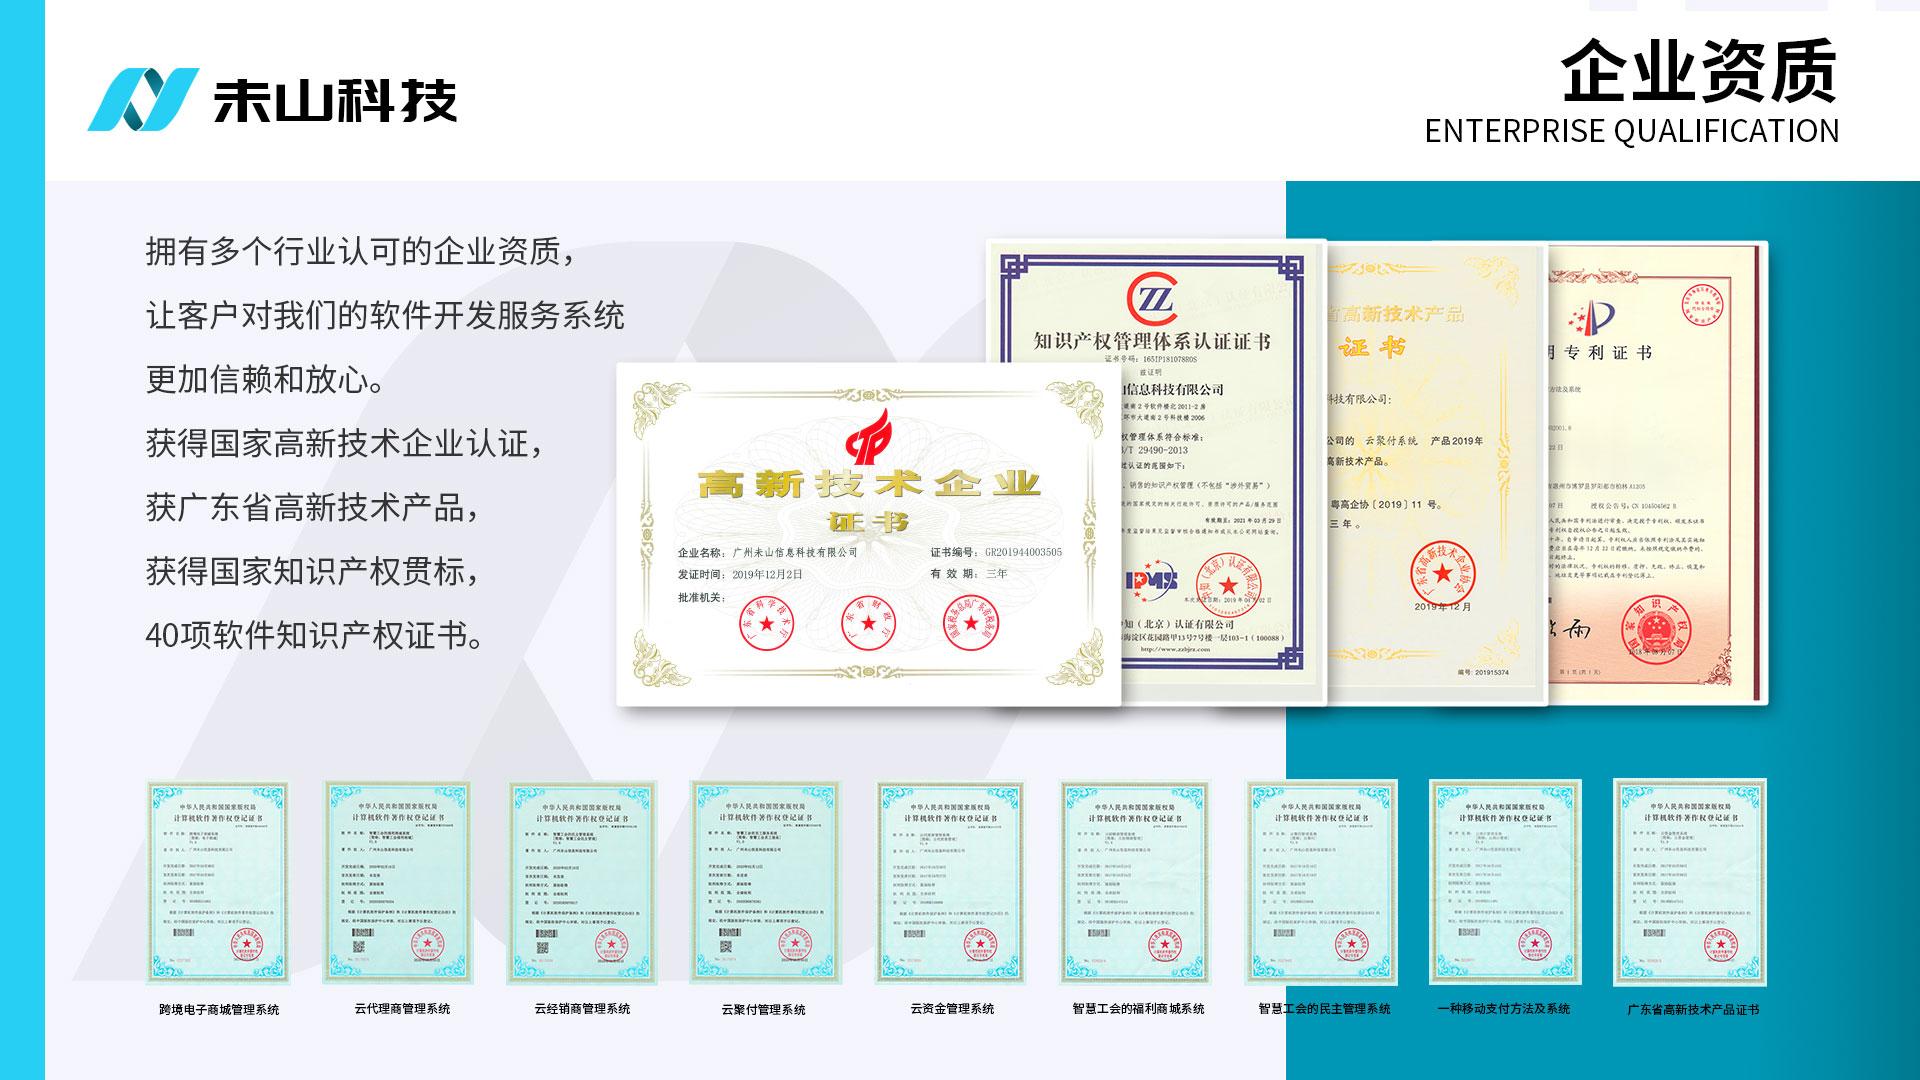 行业应用软件/银行软件/能源电力/房地产广告/互联网共享经济